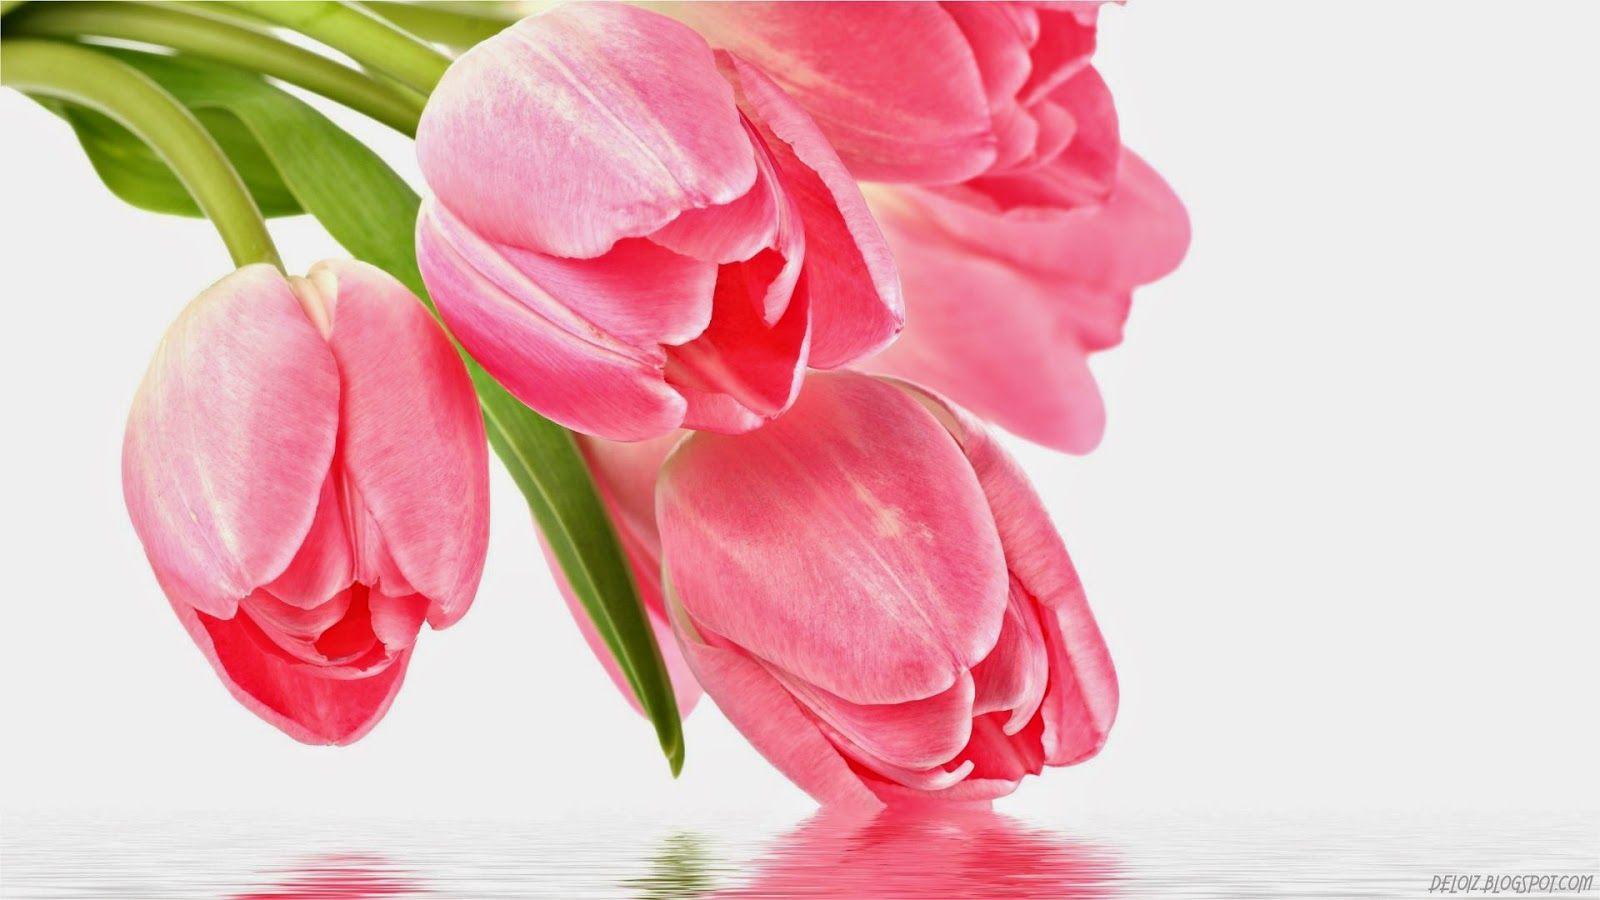 Wallpaper Foto Dan Gambar Bunga Cantik Untuk Laptop Wallpaper